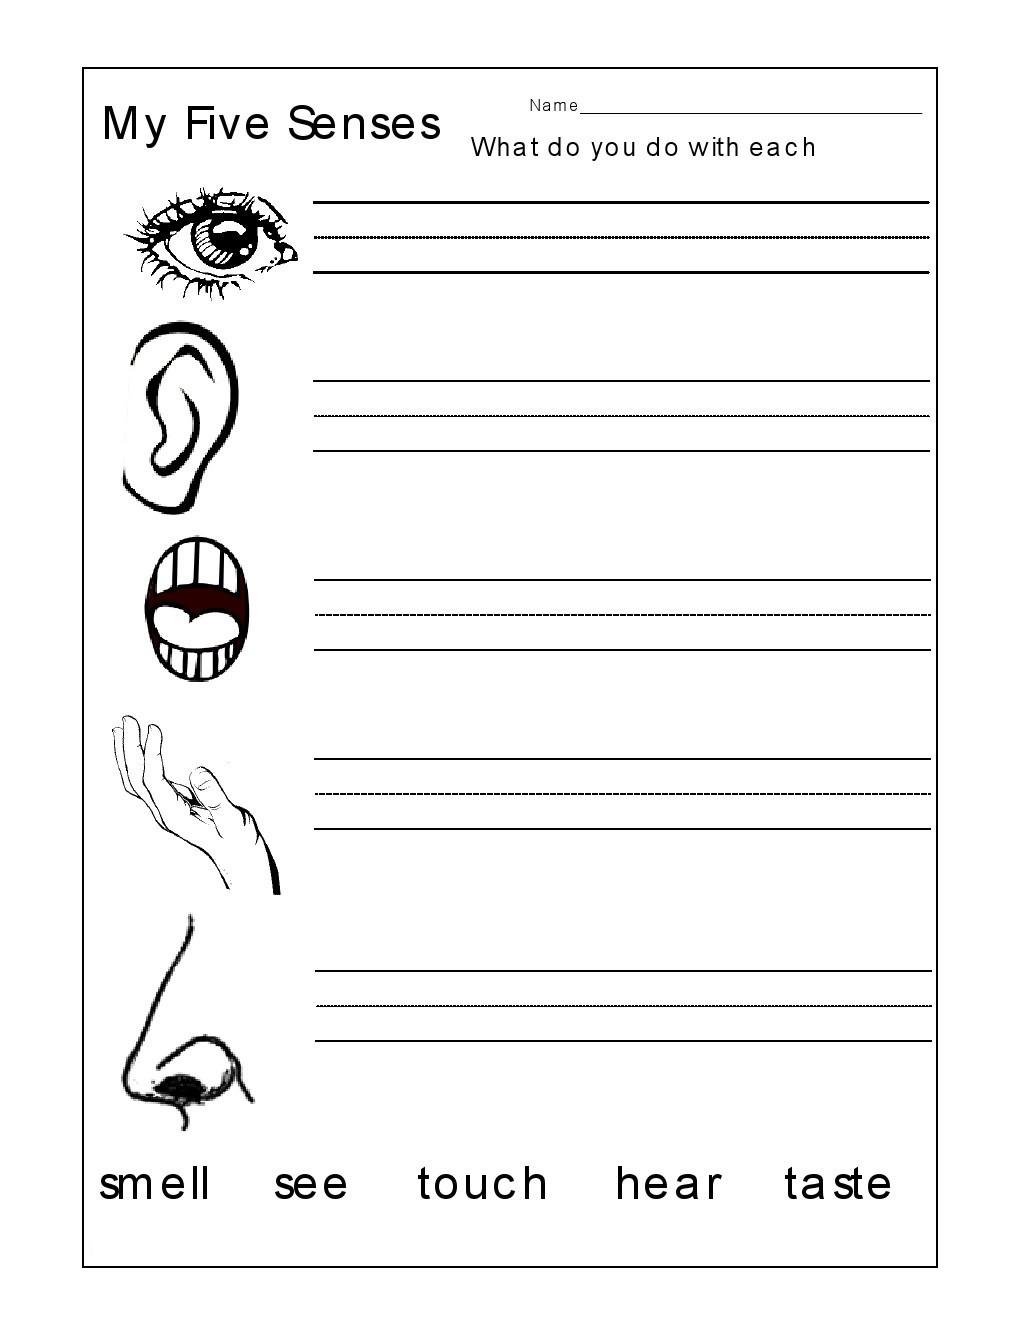 5 Senses Worksheet for Kindergarten Kindergarten Worksheets Kindergarten Worksheets the 5